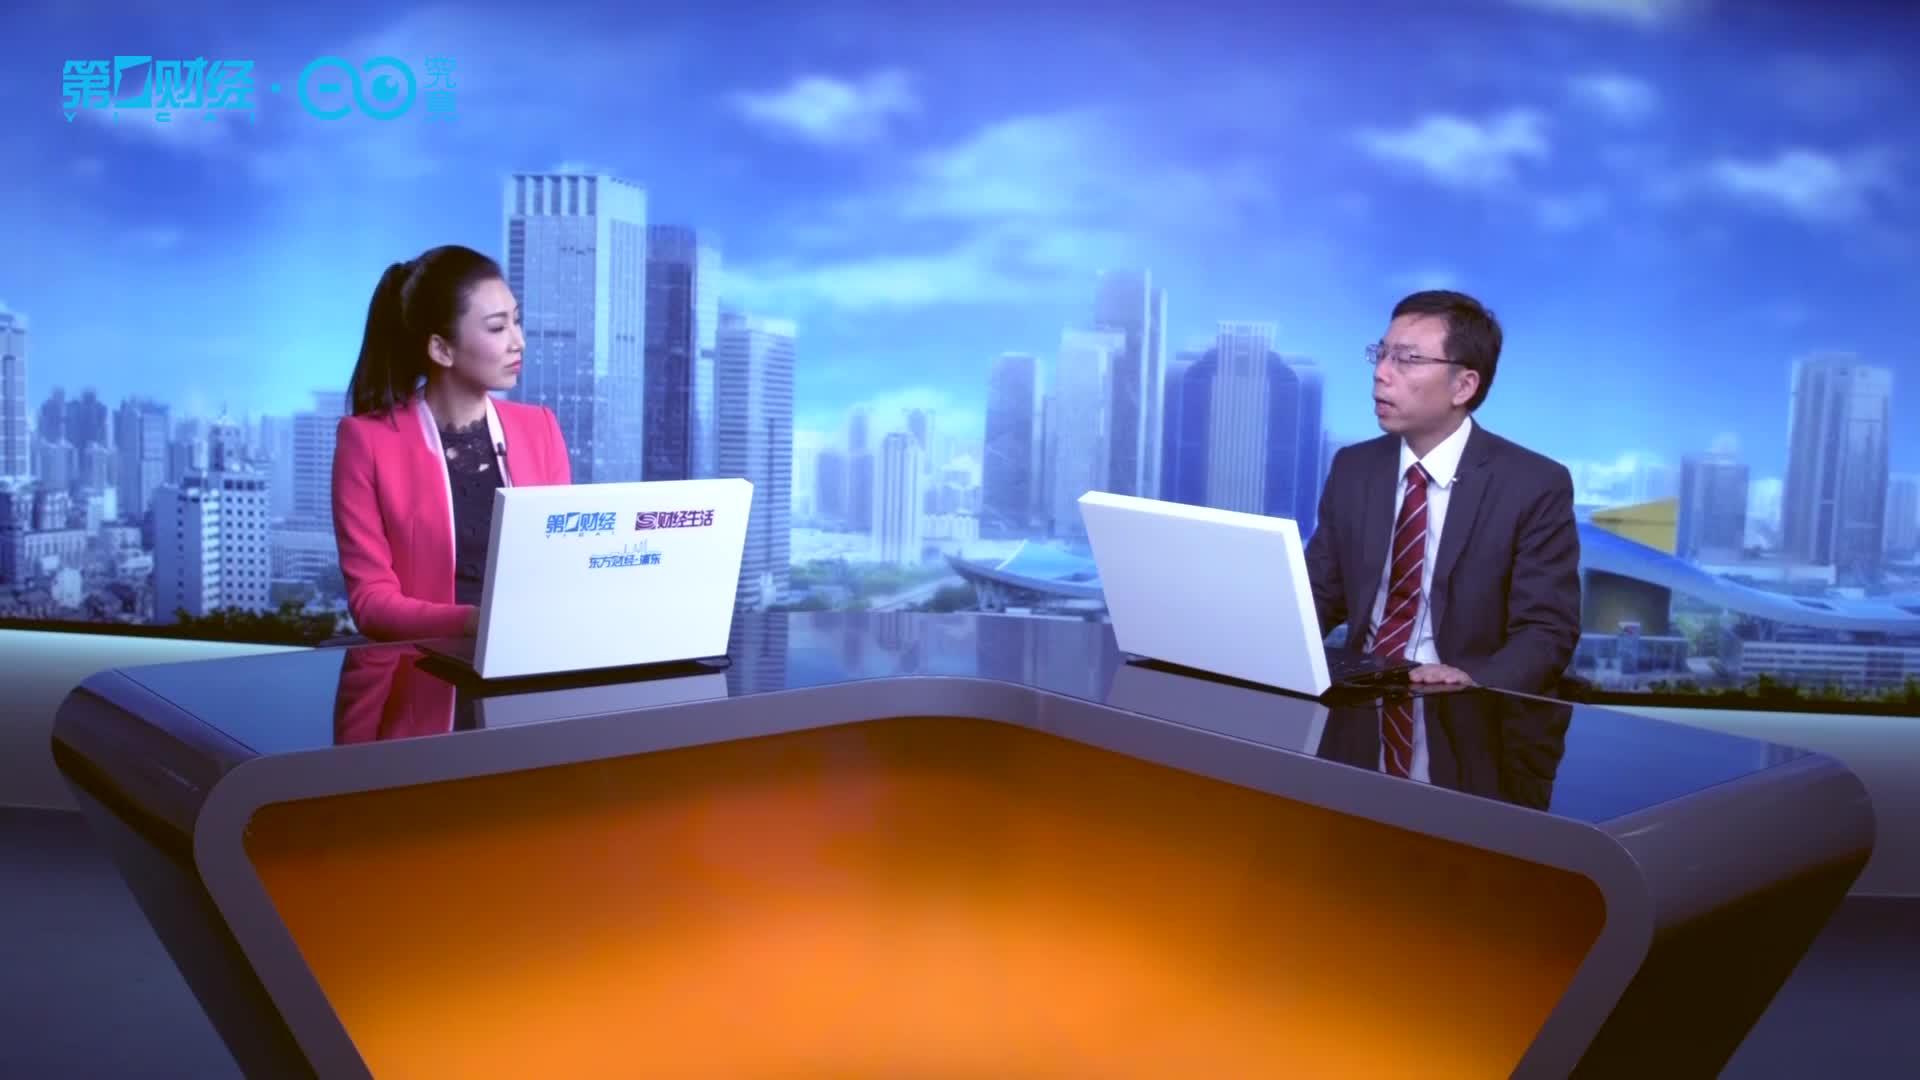 资本有道丨专访招商资产管理(香港)有限公司CEO白海峰,探讨价值投资在中国市场的践行